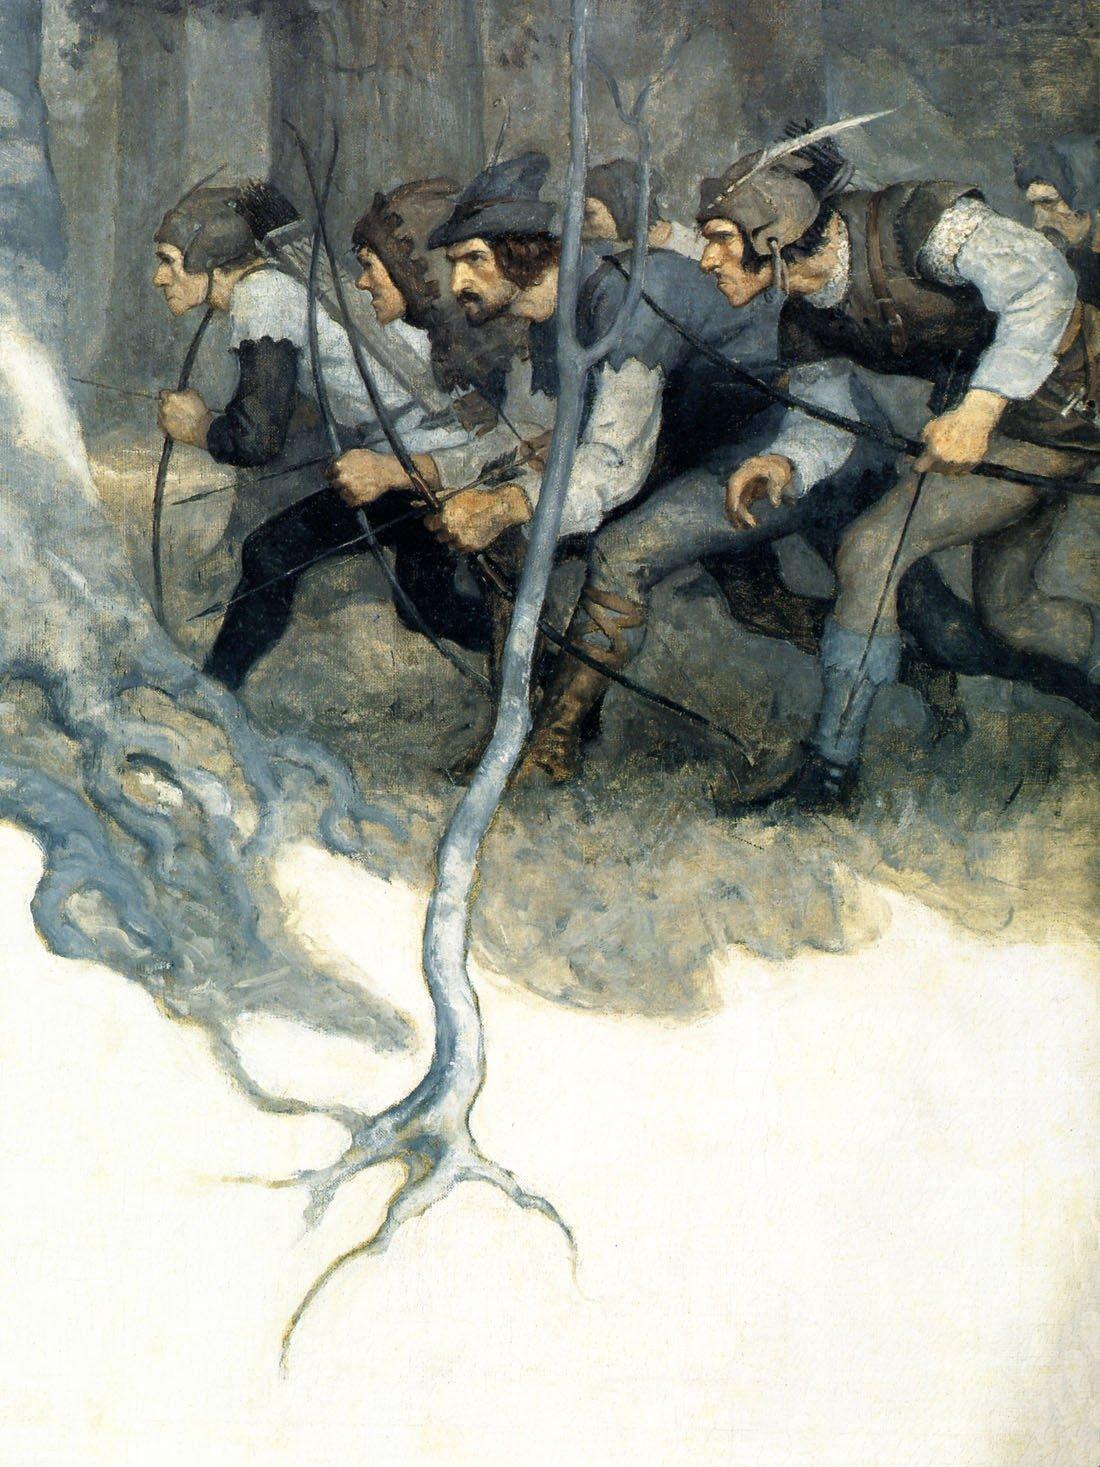 Theブラックarrow- NC Wyeth – キャンバスまたは壁アートプリント Fine Paper - 18 x 24 Fine Paper - 18 x 24  B008GWPGCG